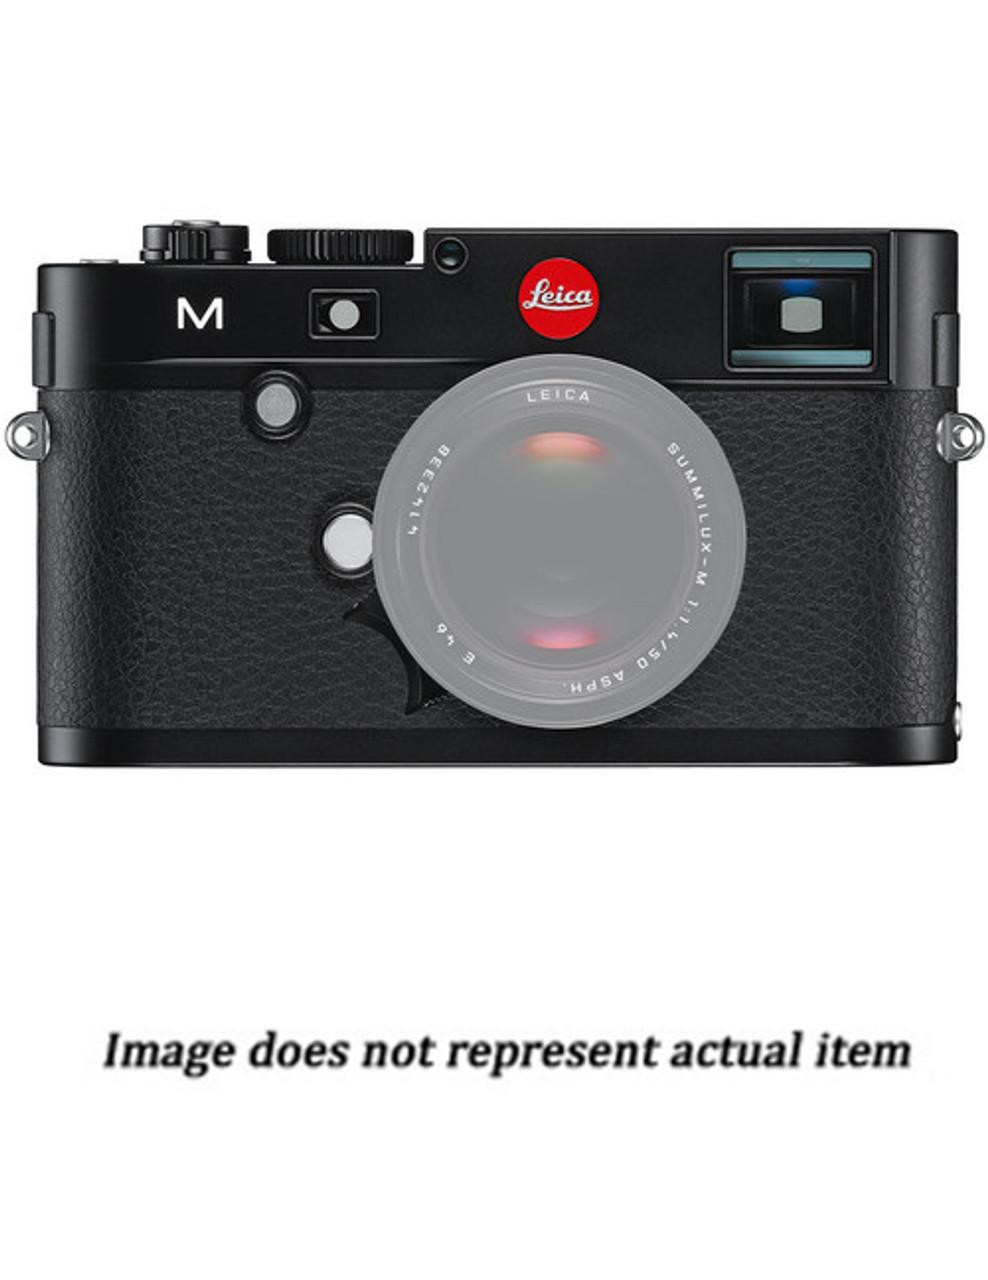 Leica M (Typ 240) Digital Rangefinder Camera (USED) - S/N 04848116